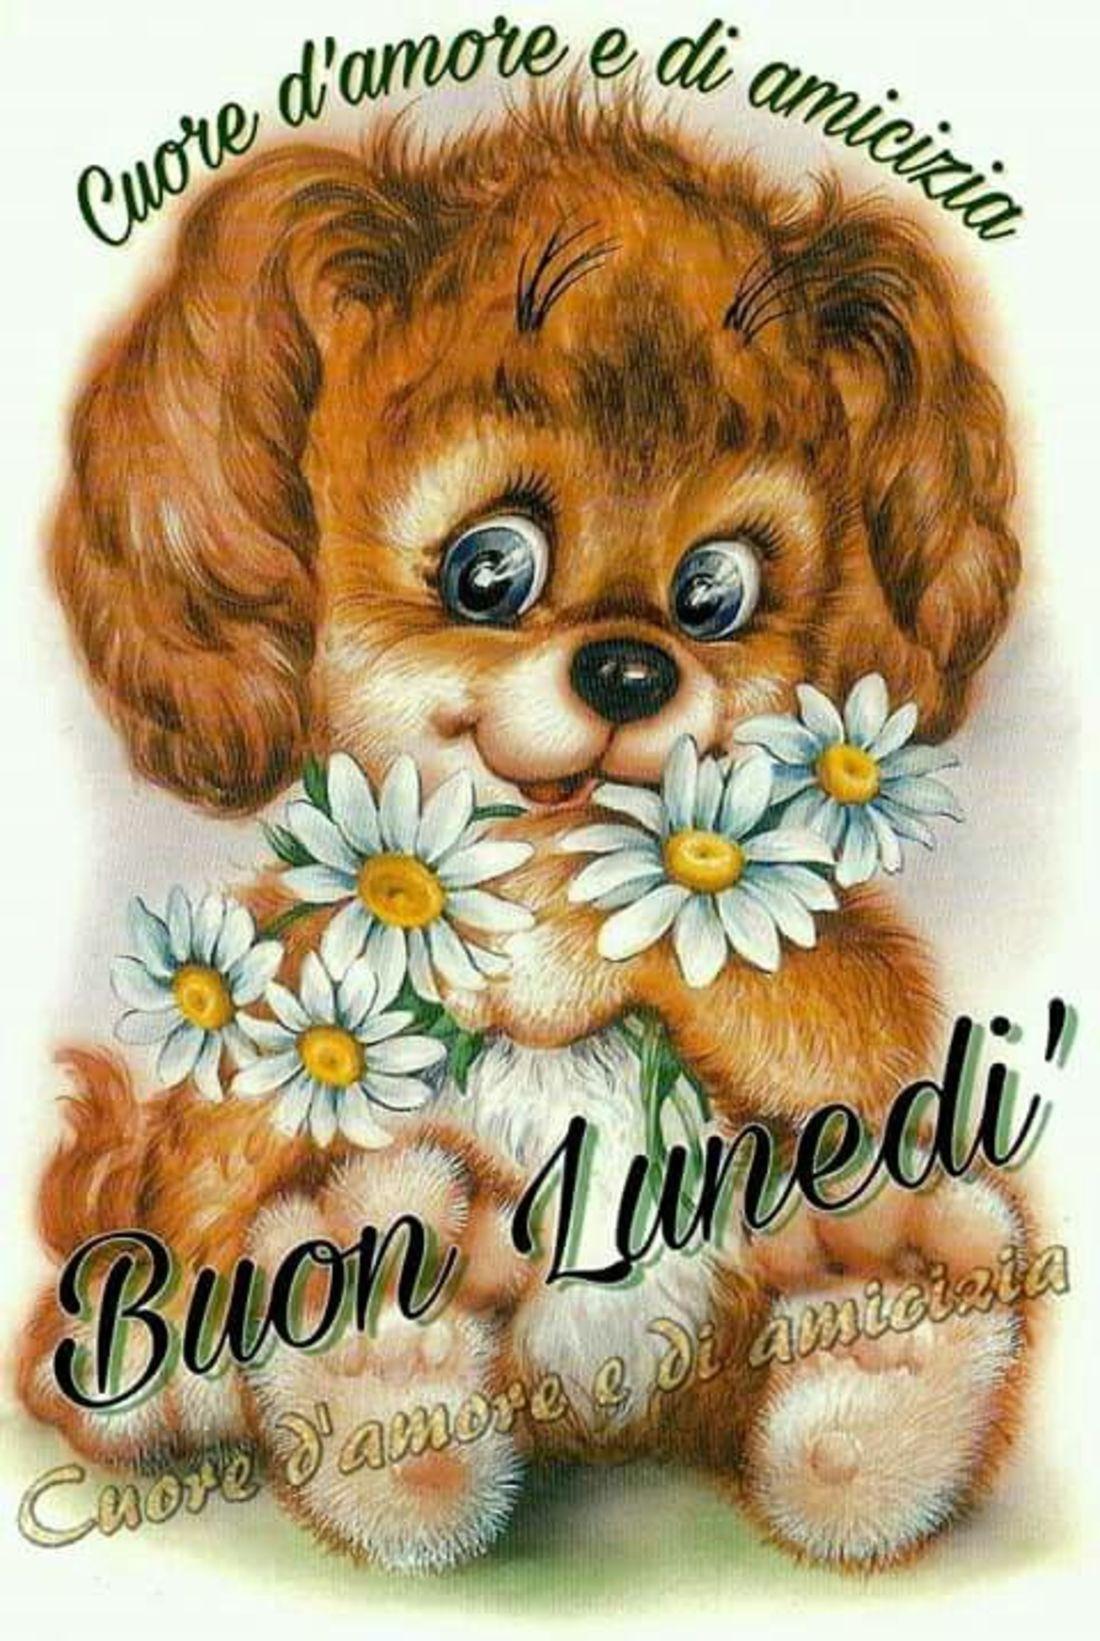 Buon Lunedi Divertente 4078 Buongiornissimocaffe It